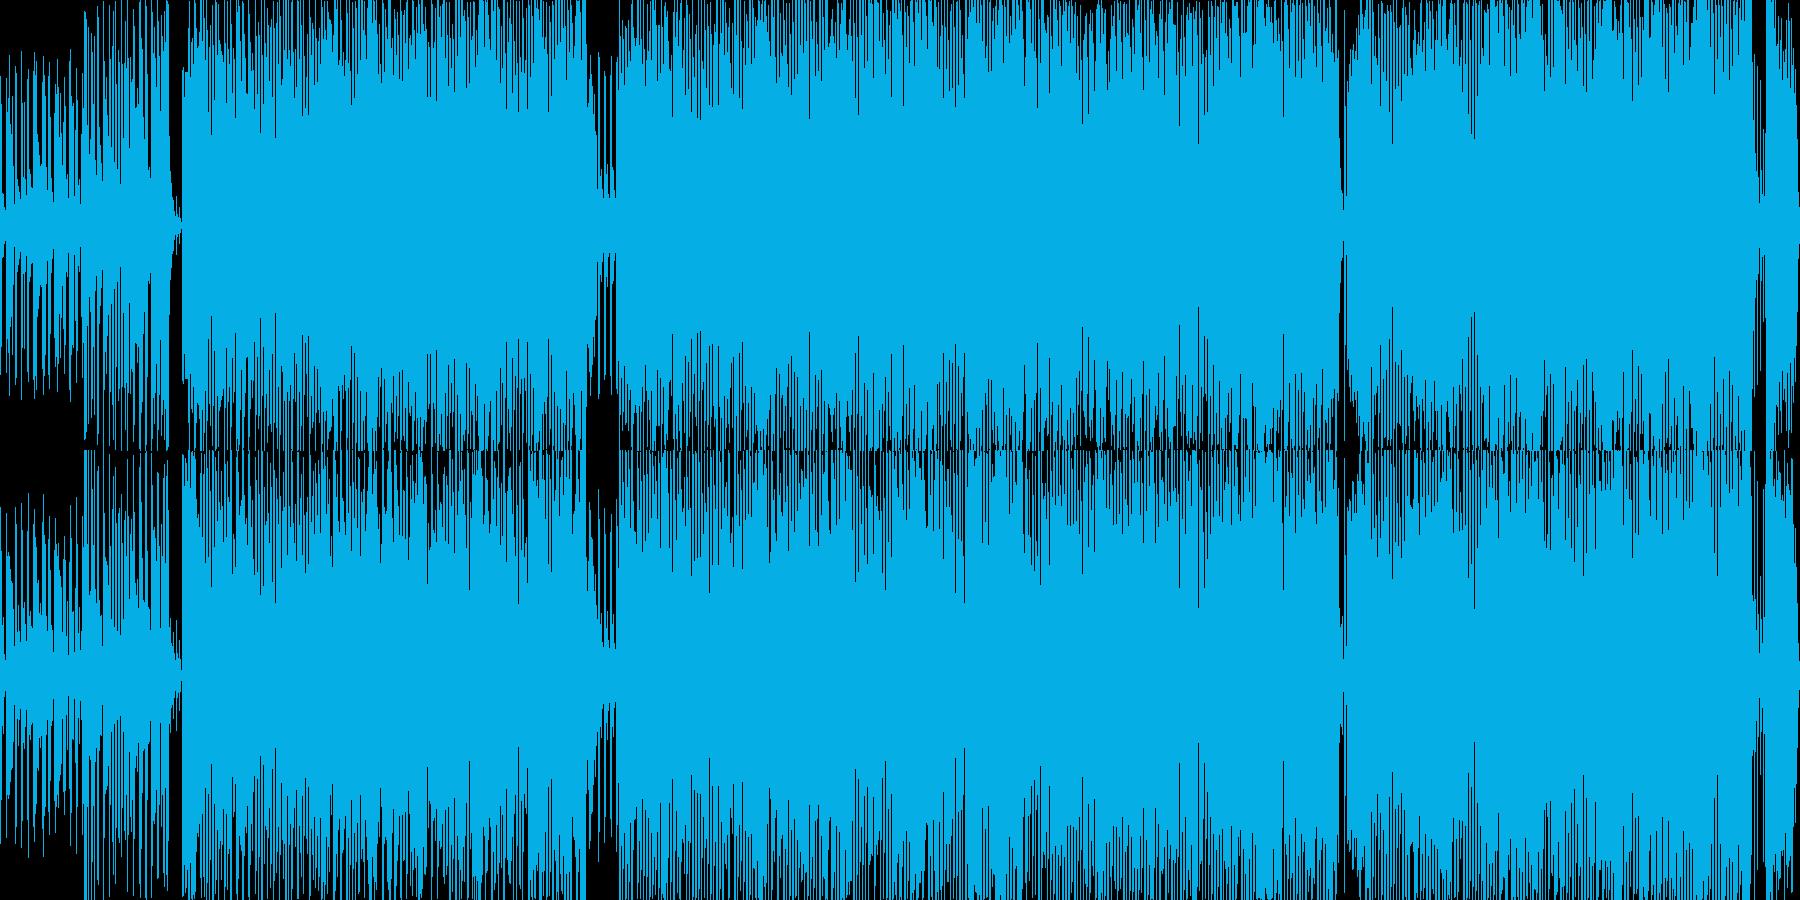 英雄ポロネーズ/ボサノバアレンジの再生済みの波形